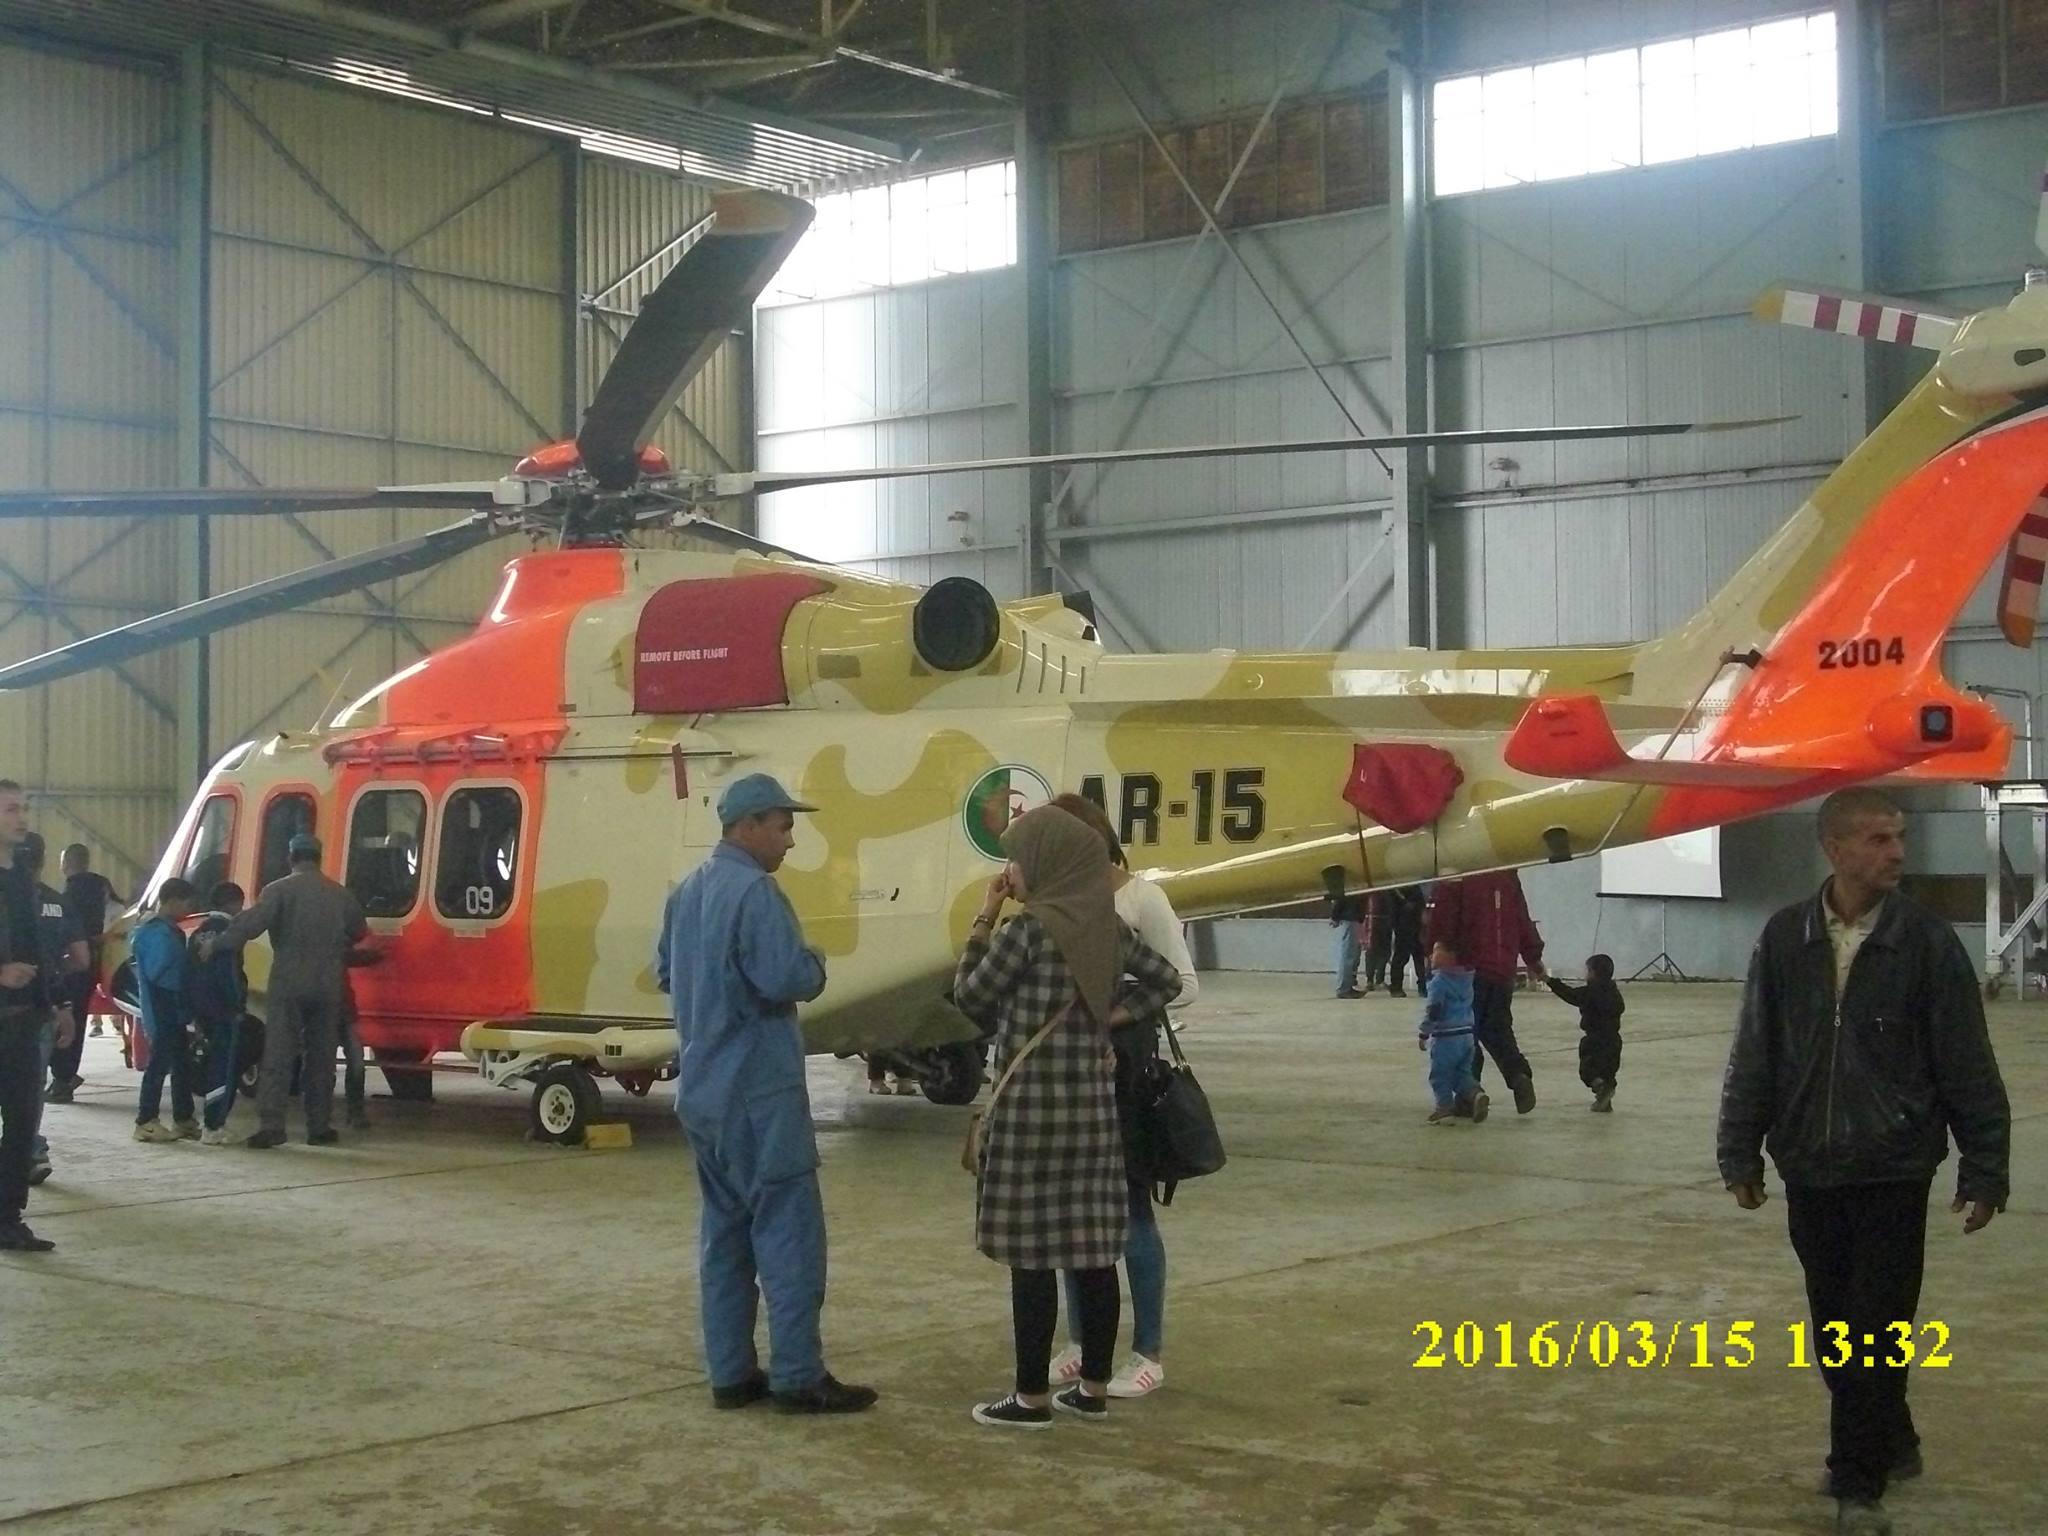 صور مروحيات القوات الجوية الجزائرية  [ AW-139 SAR ] - صفحة 2 25907125865_267a5414b9_o